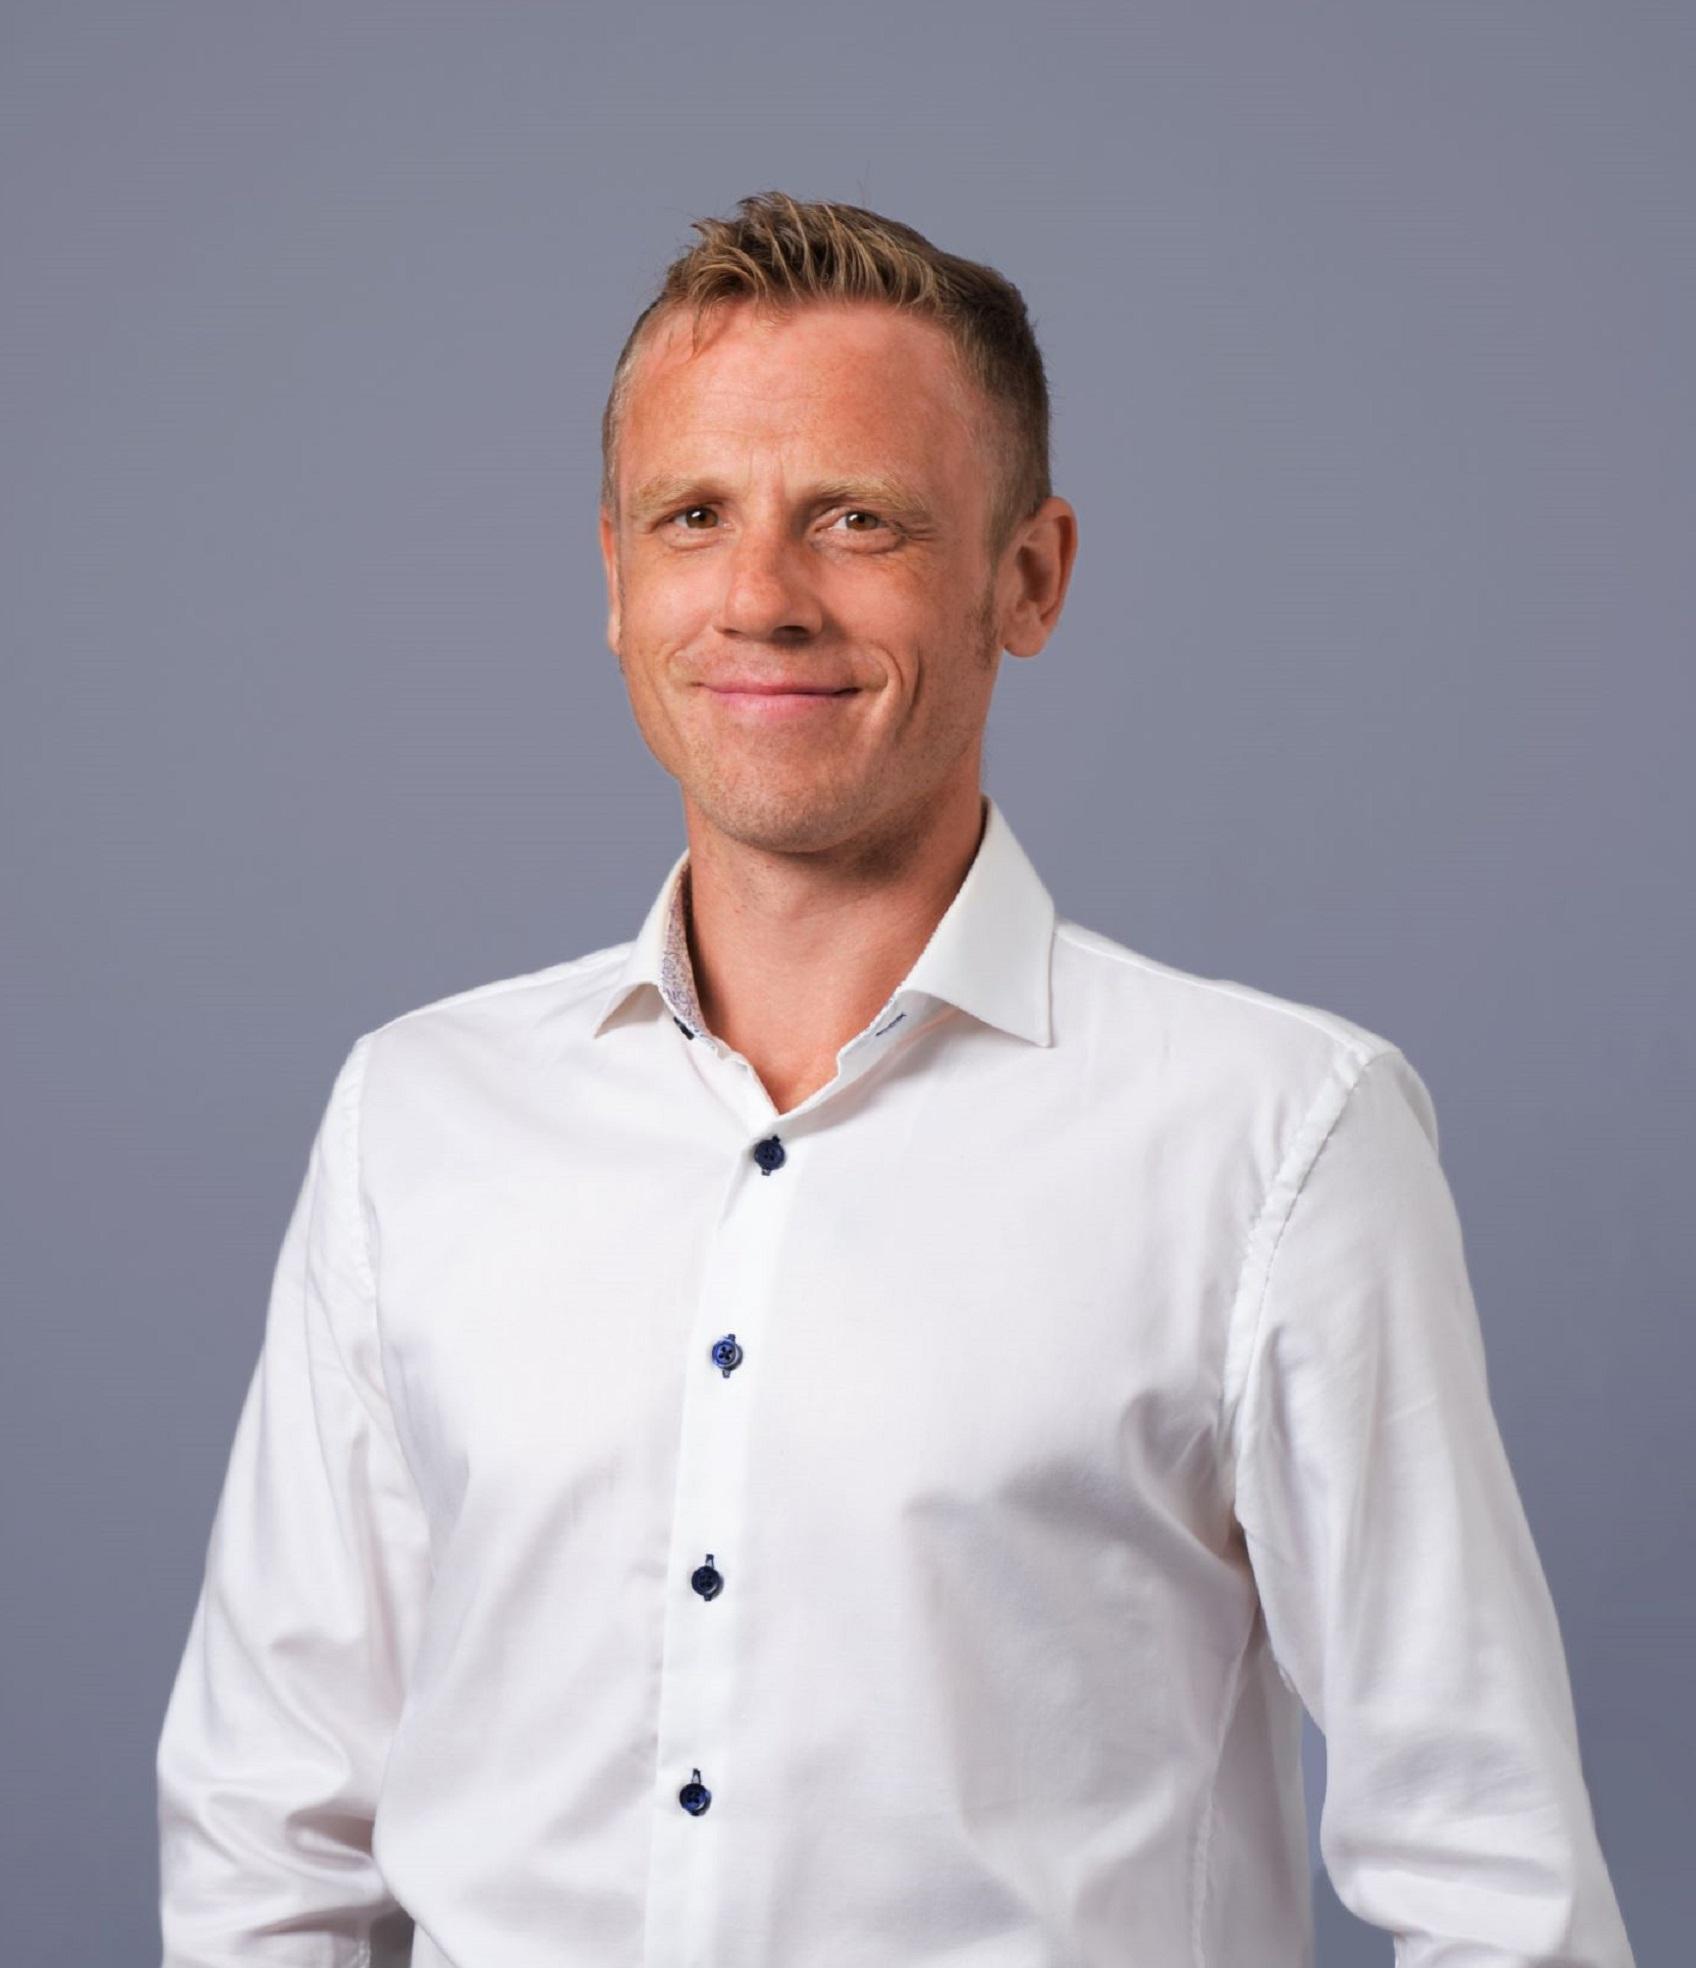 Leon Berg